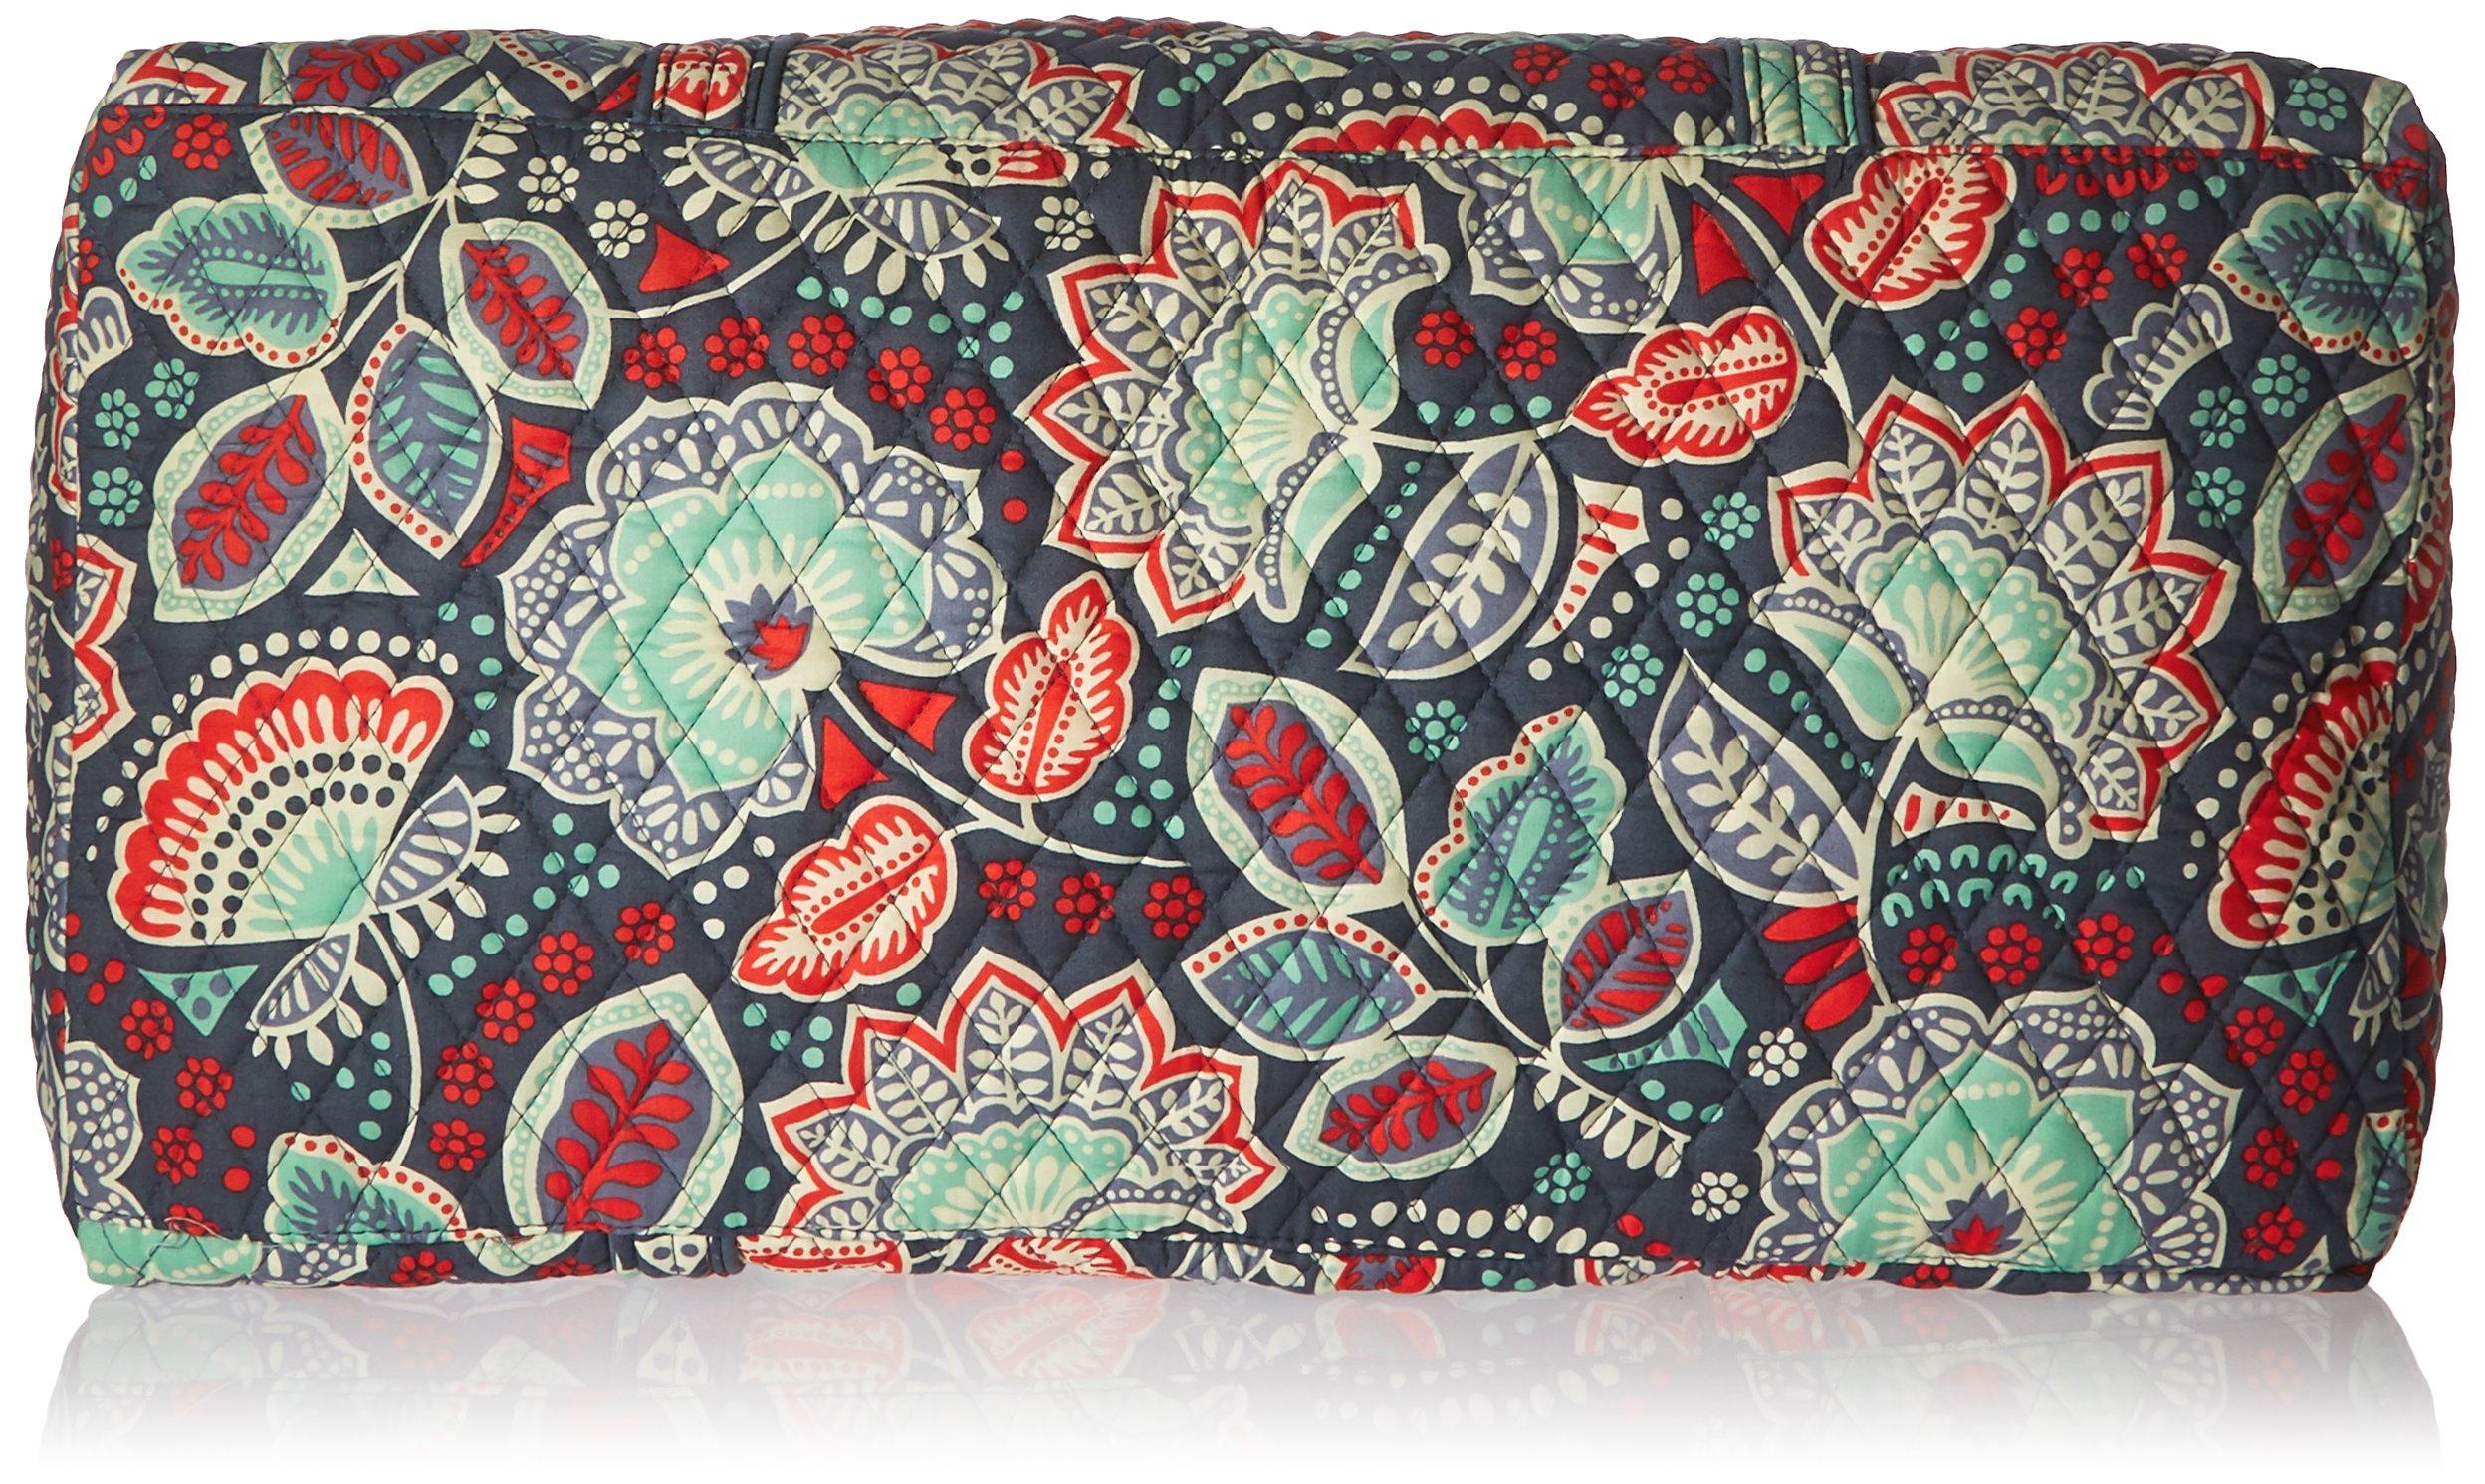 Vera Bradley Luggage Women's Large Duffel Nomadic Floral Duffel Bag by Vera Bradley (Image #4)